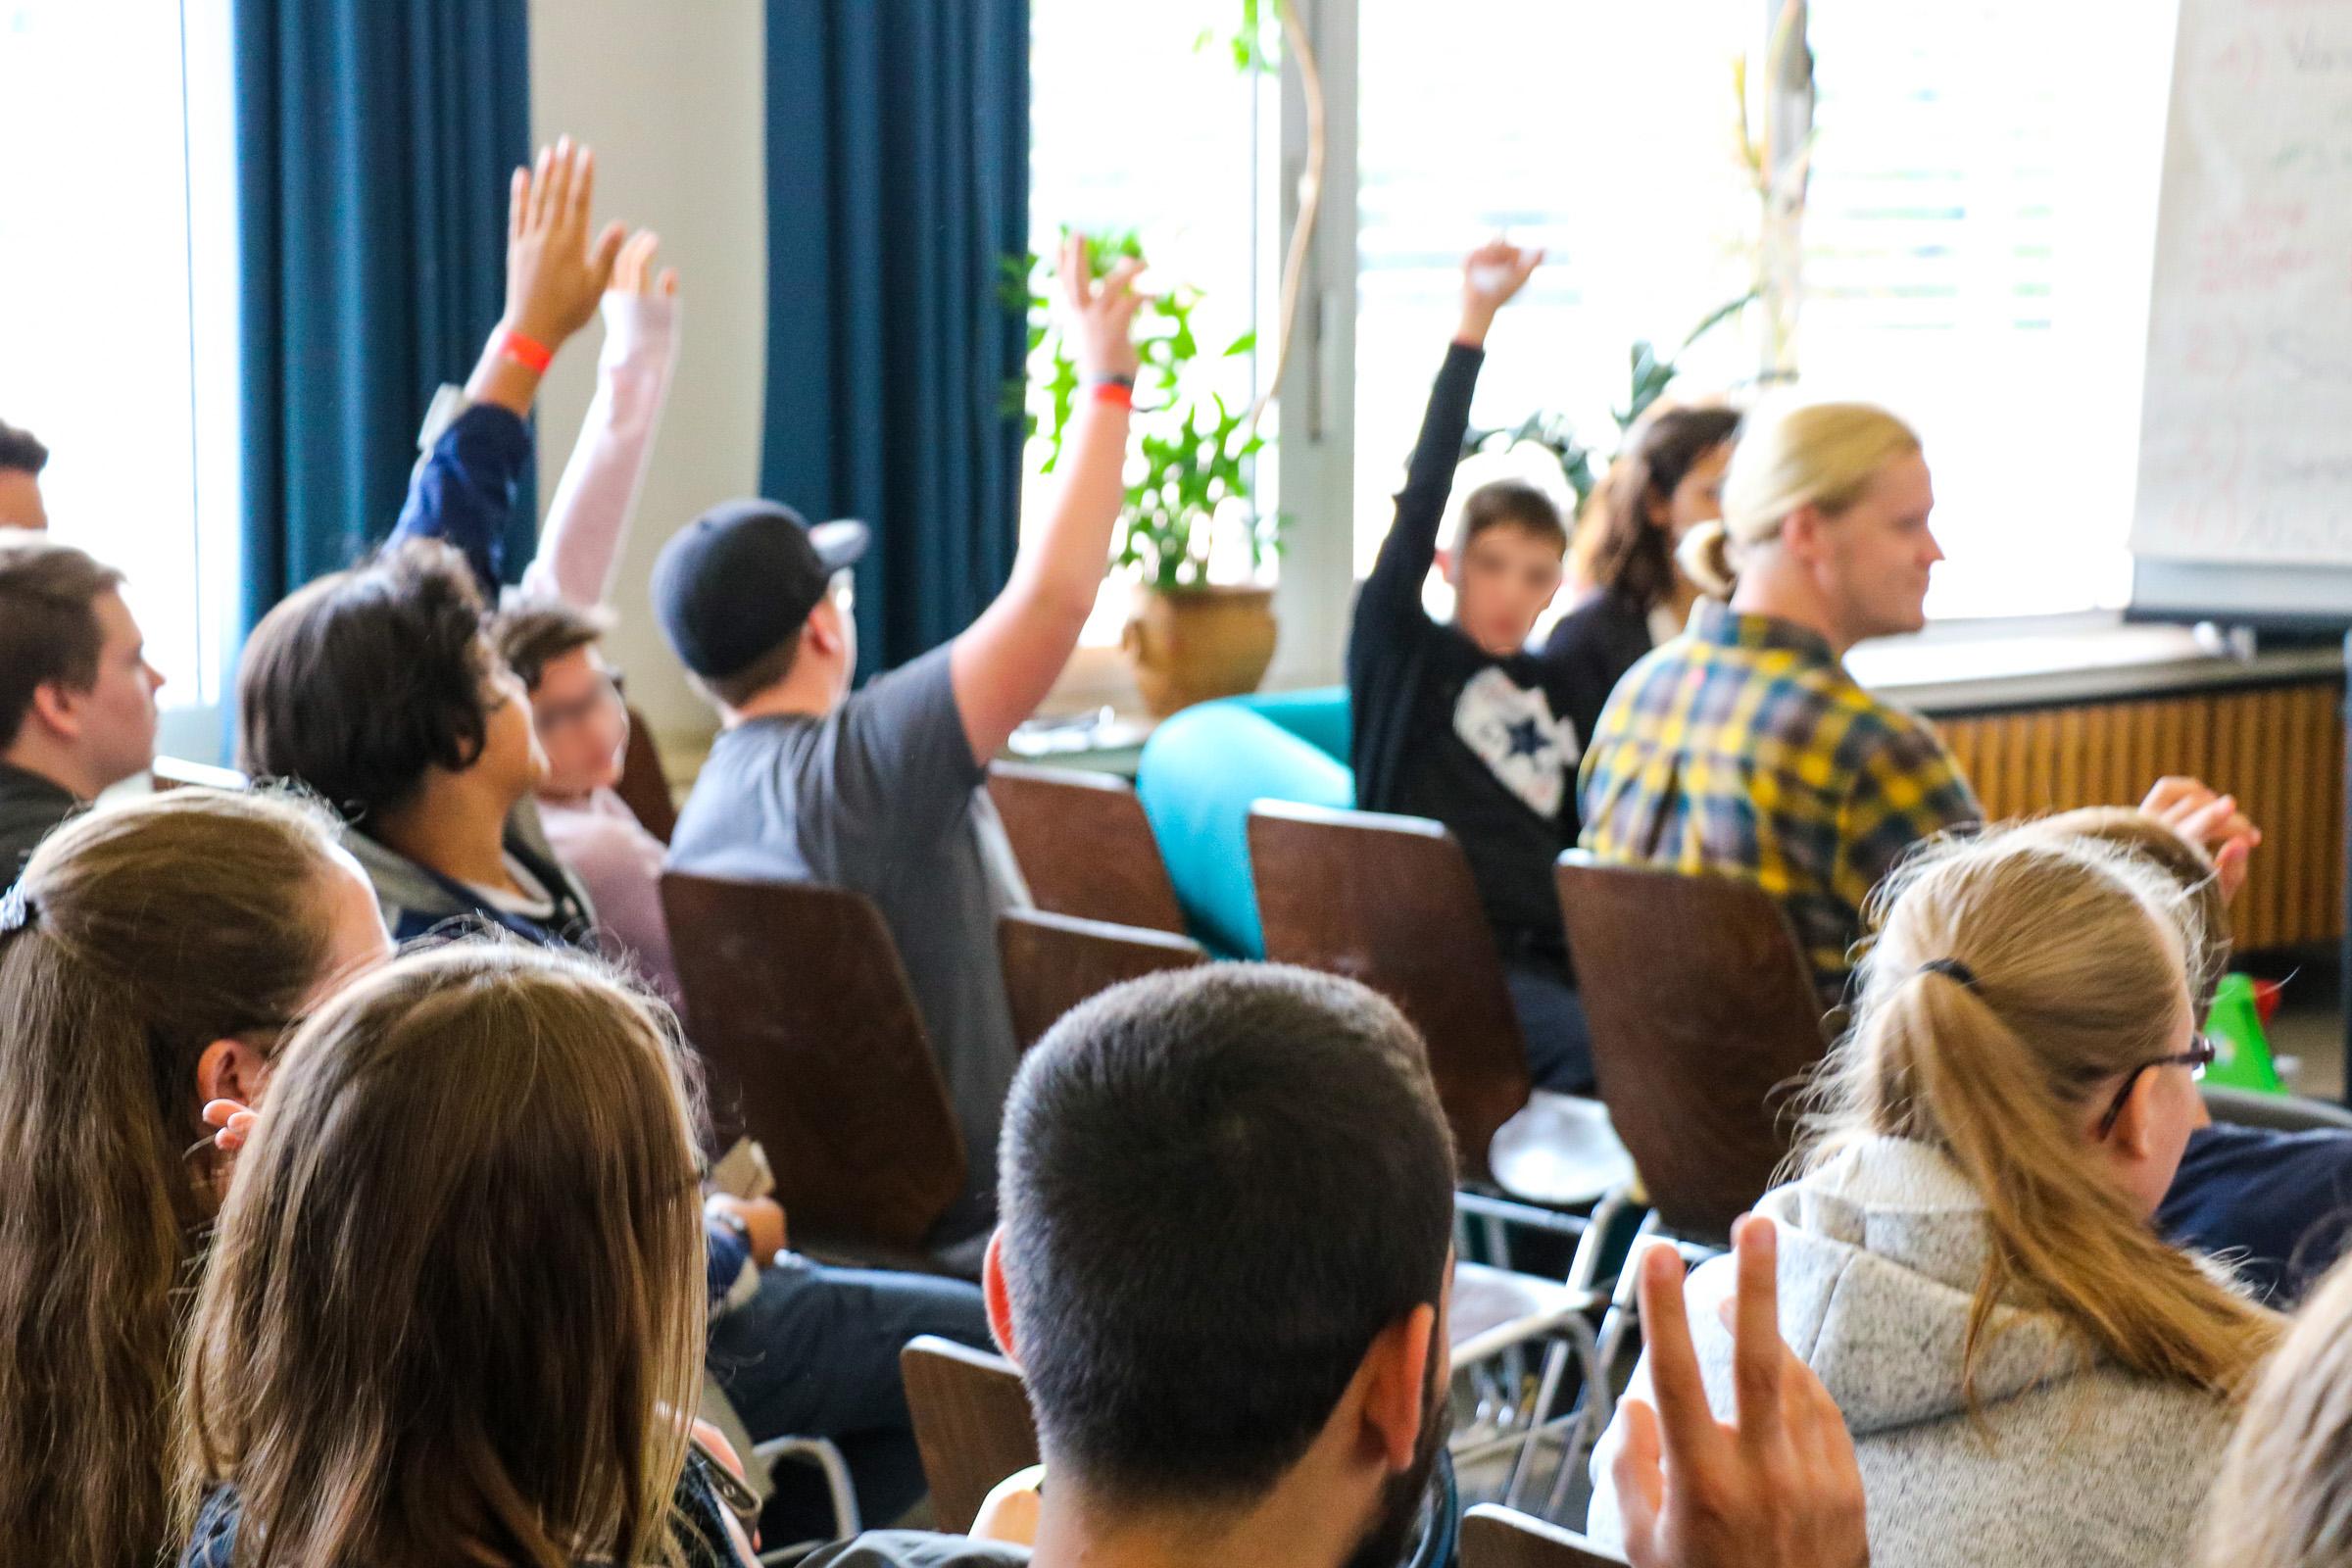 Einige Jugendliche, ein paar heben ihren Arm, um Interesse an einer Session zu signalisieren.